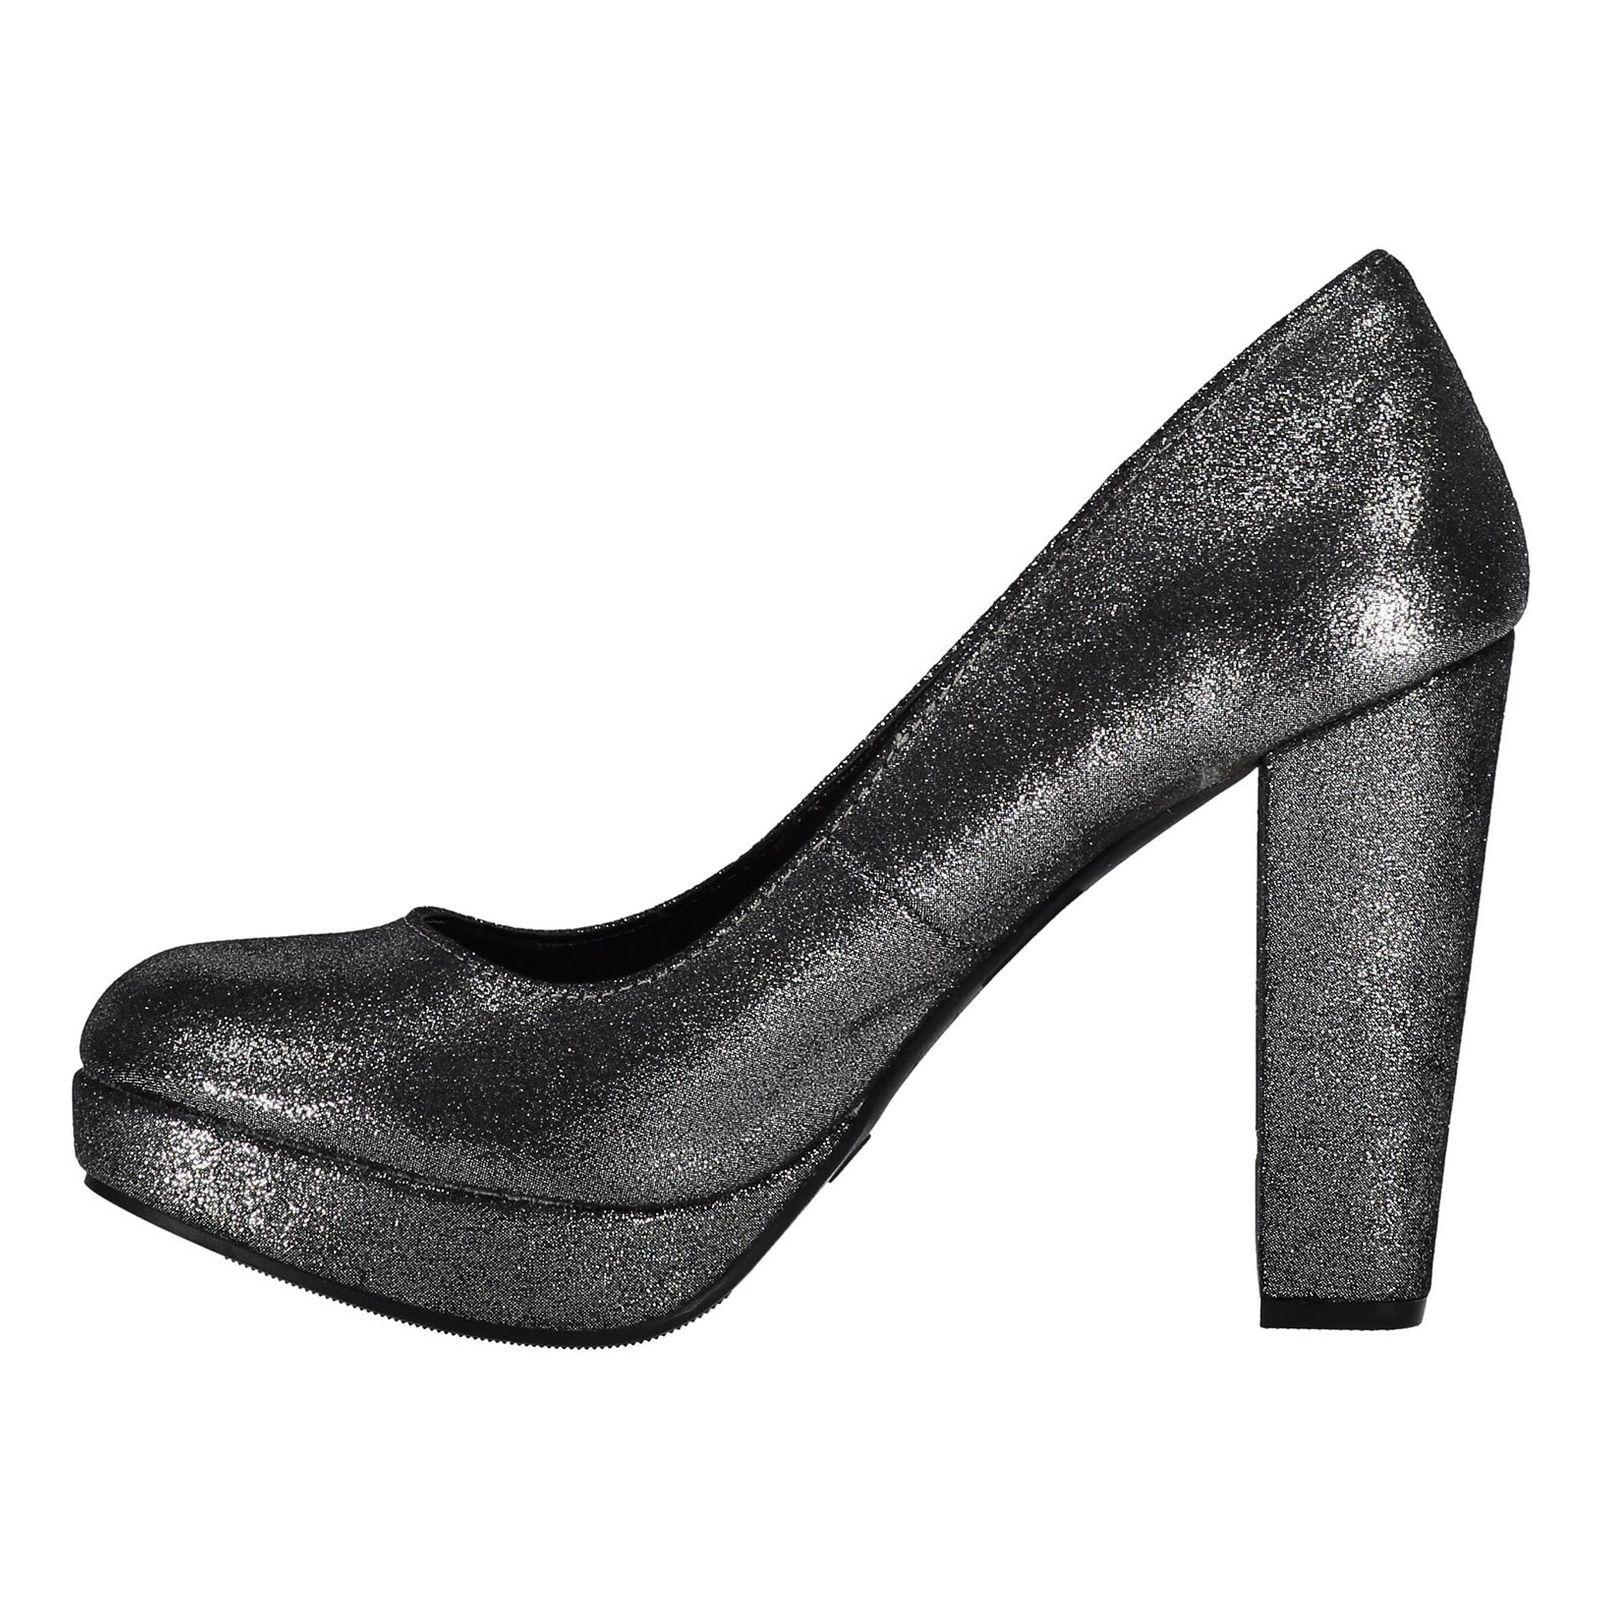 کفش پاشنه بلند زنانه - هد اور هیلز بای دون لندن main 1 2